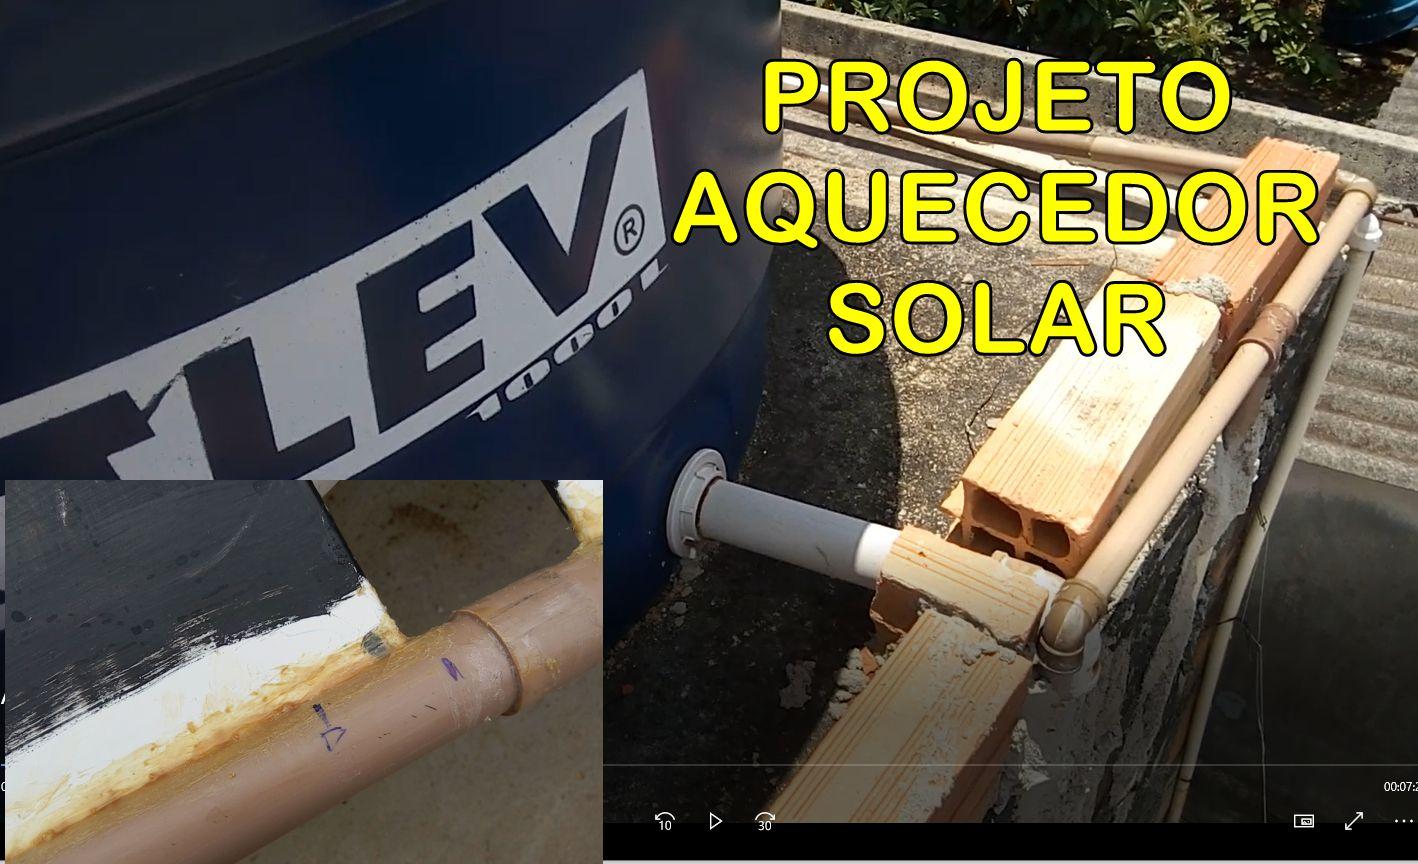 AQUECEDOR Solar caseiro: Uma solução barata para reduzir o custo da conta de luz (energia elétrica) da sua casa. Vide vídeo e arquivo de projeto